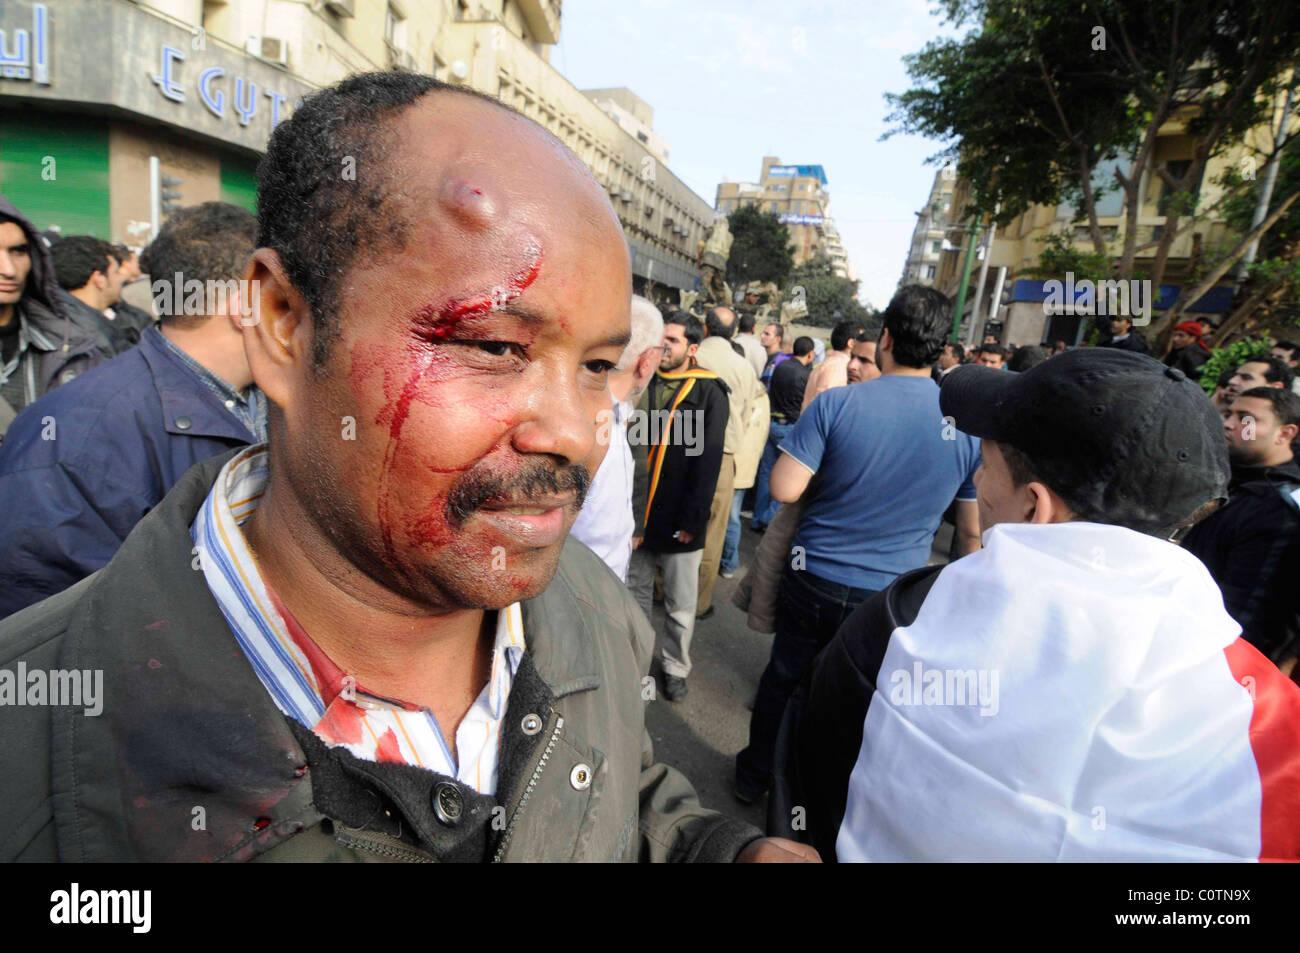 Un manifestante anti-Mubarak heridos por piedras durante los enfrentamientos en la plaza Tahrir el 2 de febrero Imagen De Stock